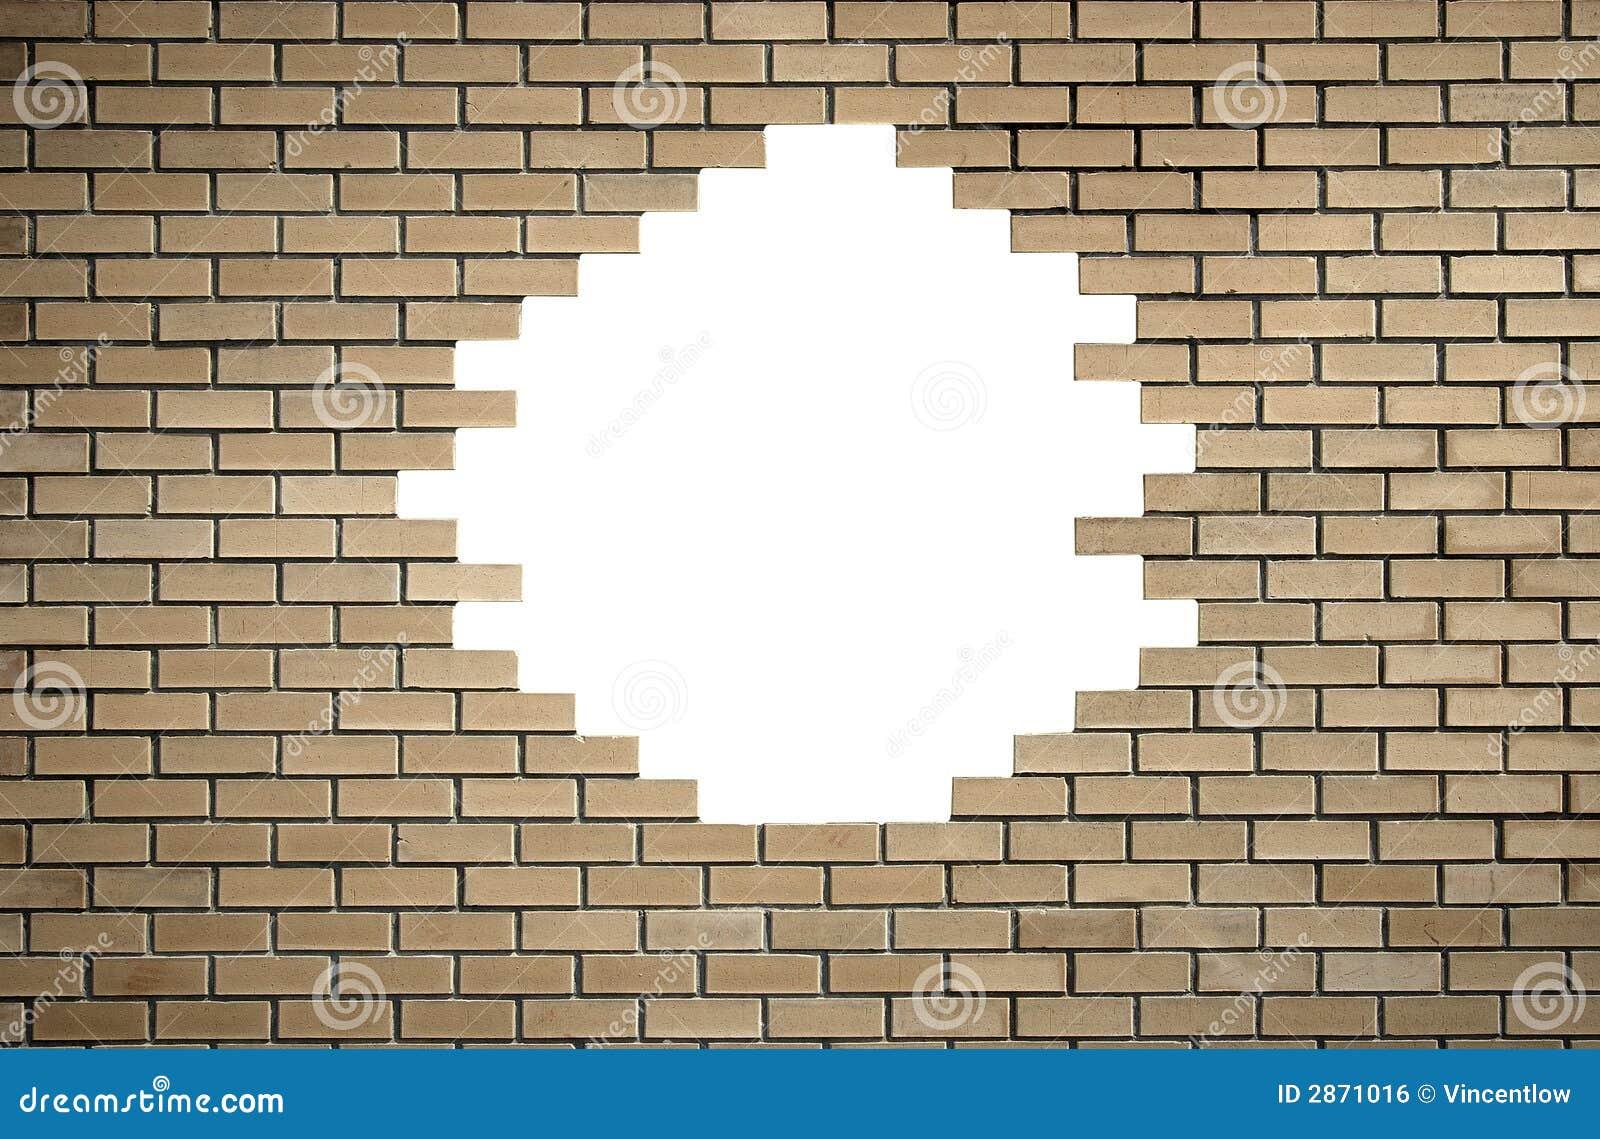 Pared de ladrillo con el agujero imagen de archivo libre - Agujero en la pared ...